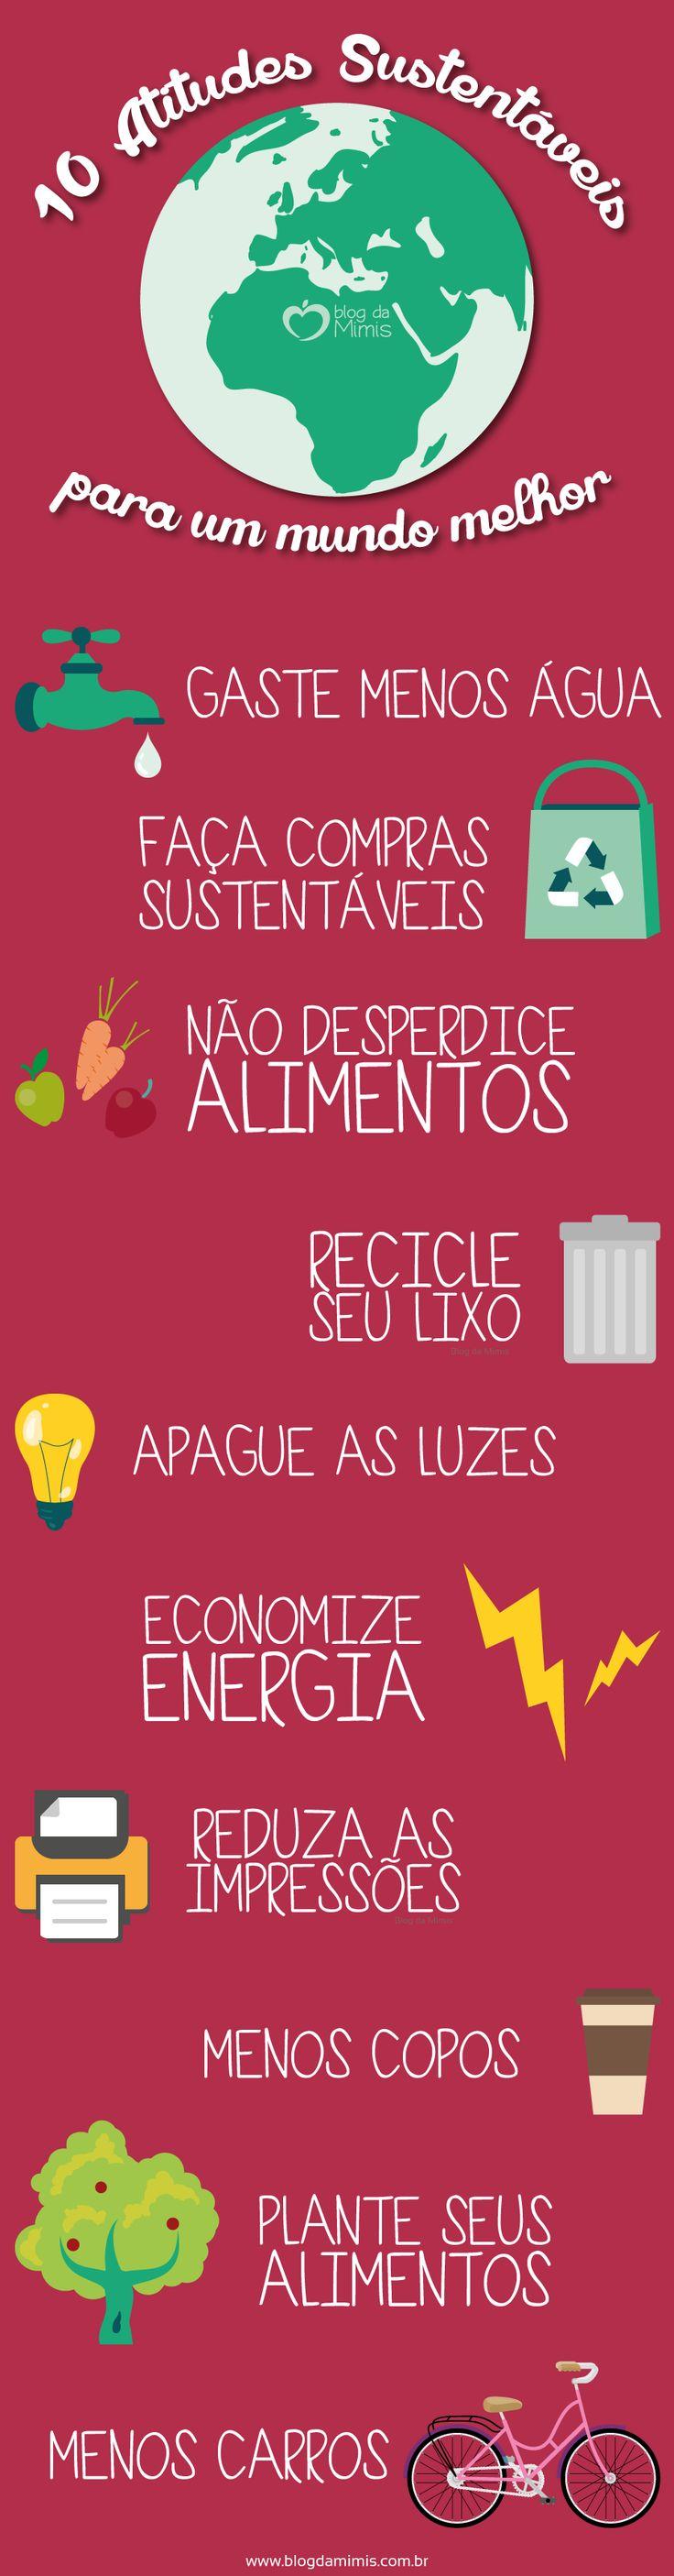 10 Atitudes sustentáveis para um mundo melhor - Blog da Mimis - Para que a…